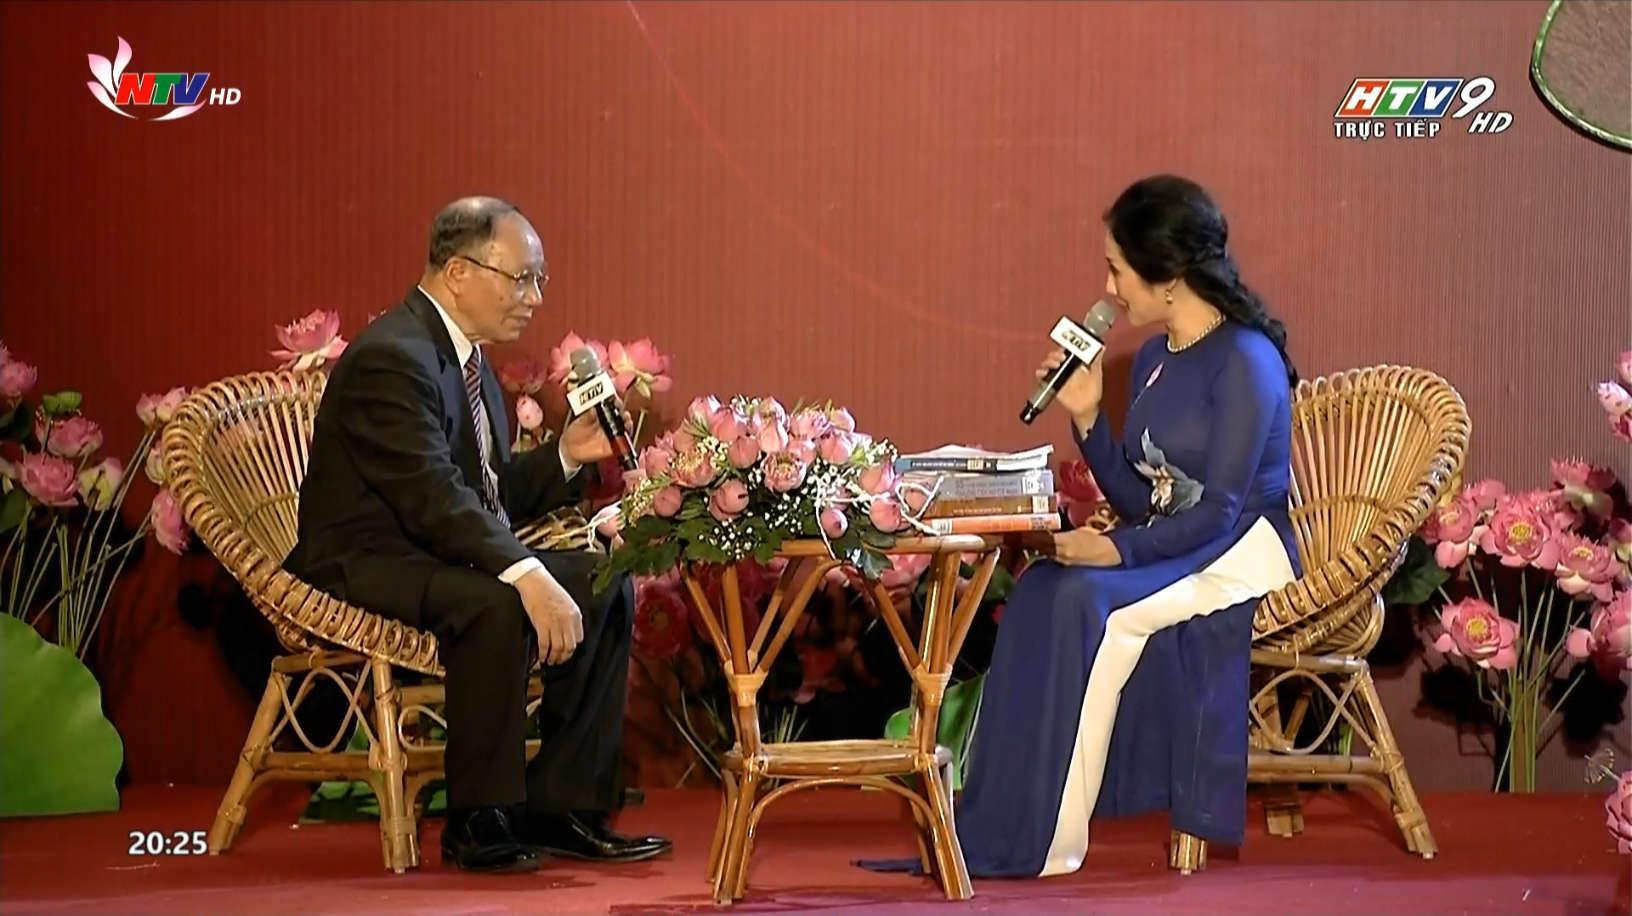 Giáo sư, Tiến sỹ Hoàng Chí Bảo giao lưu Cầu truyền hình